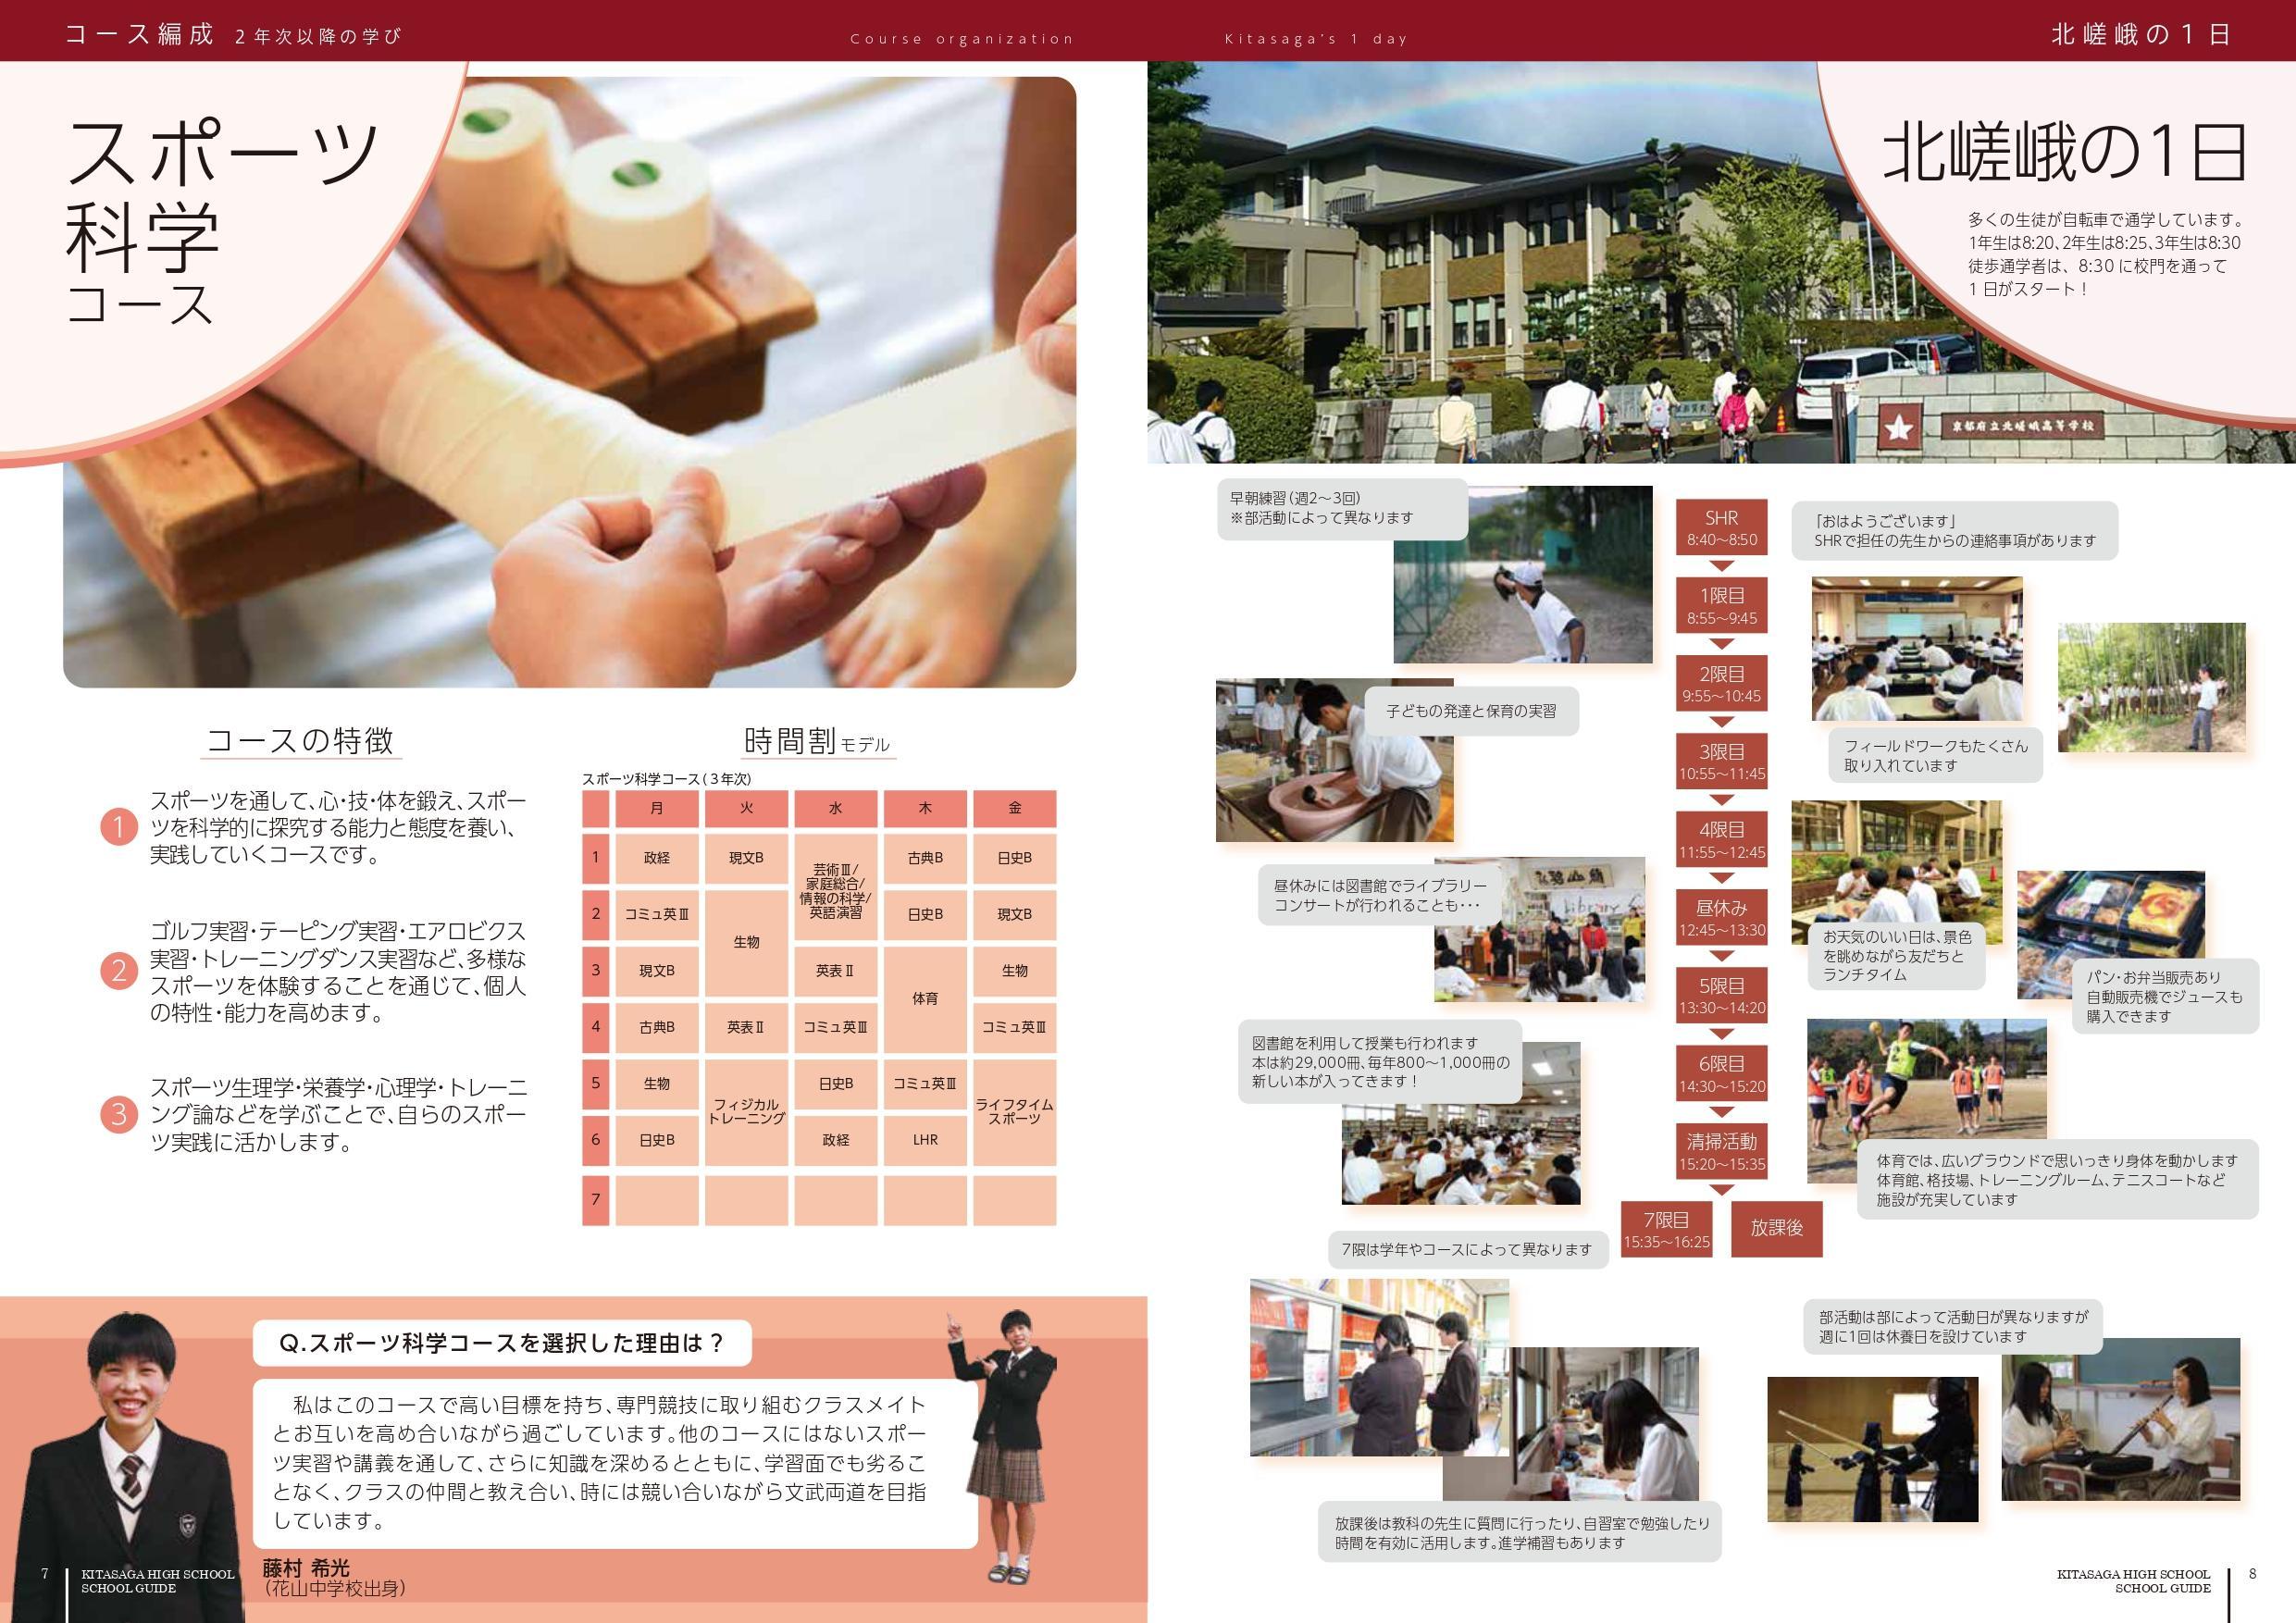 北嵯峨高校-スクールガイド2022-v6-2_page-0005.jpg